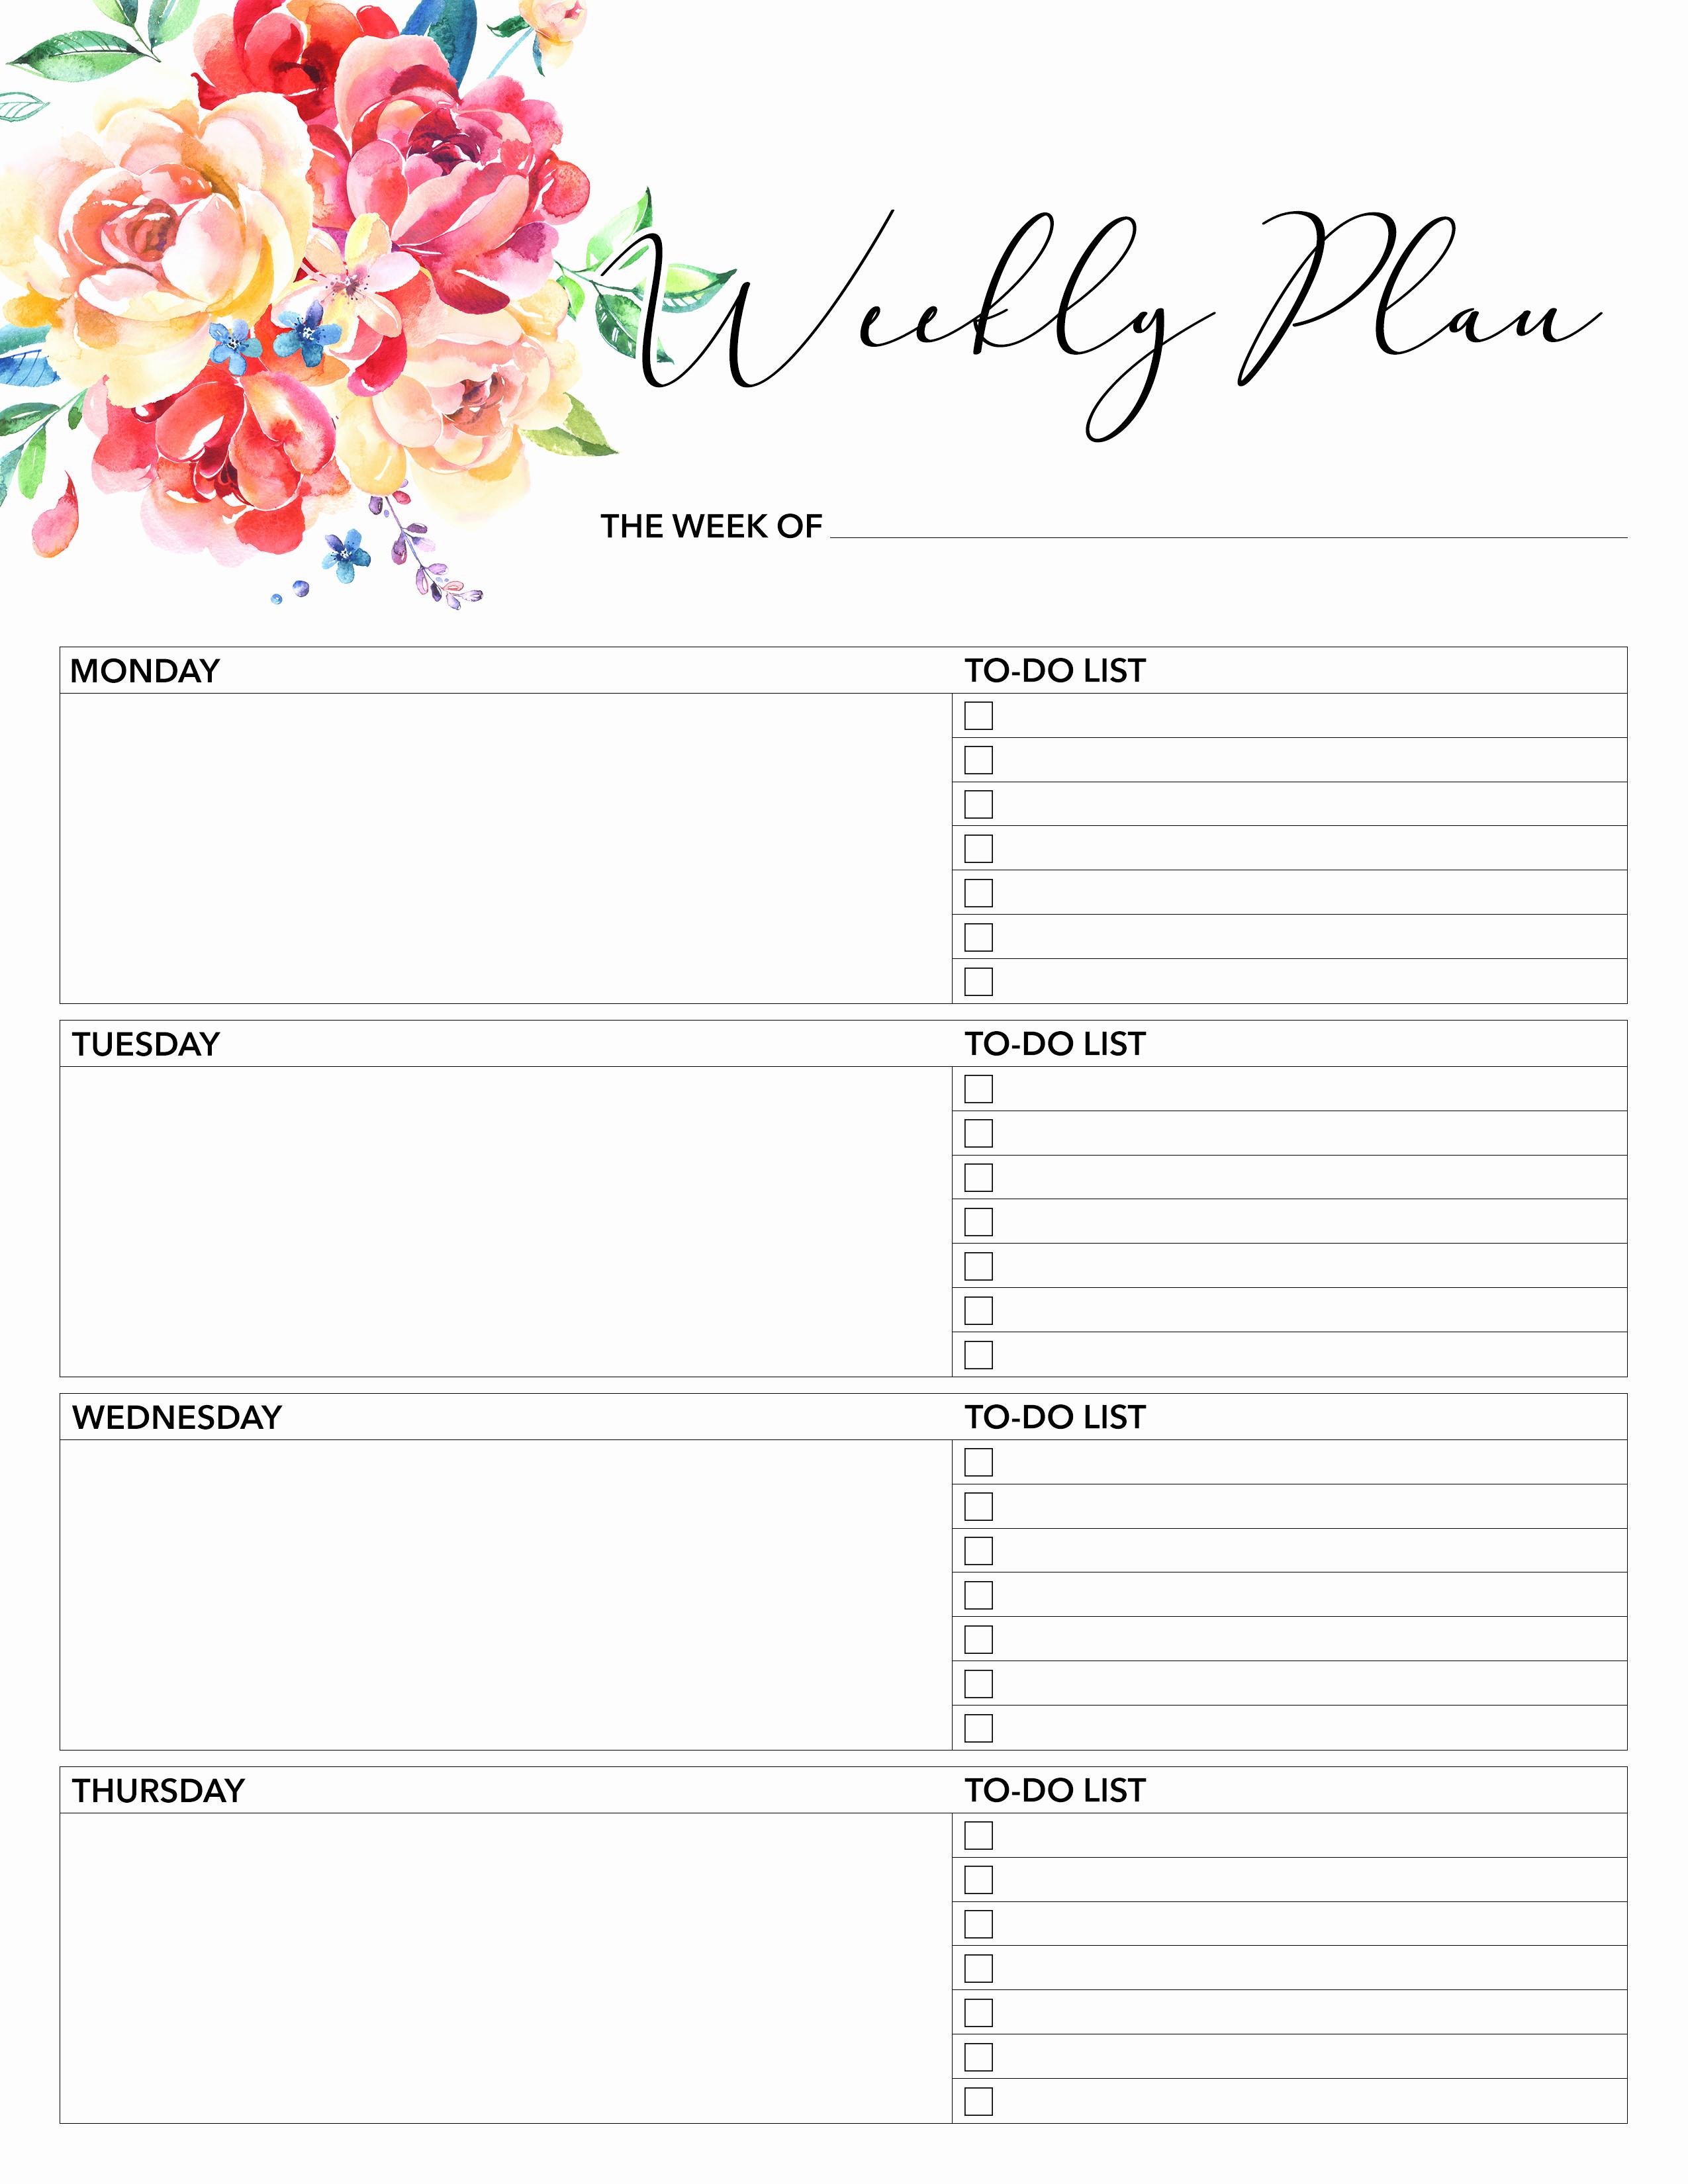 Printable Weekly Planner Template Fresh Free Printable 2018 Planner 50 Plus Printable Pages the